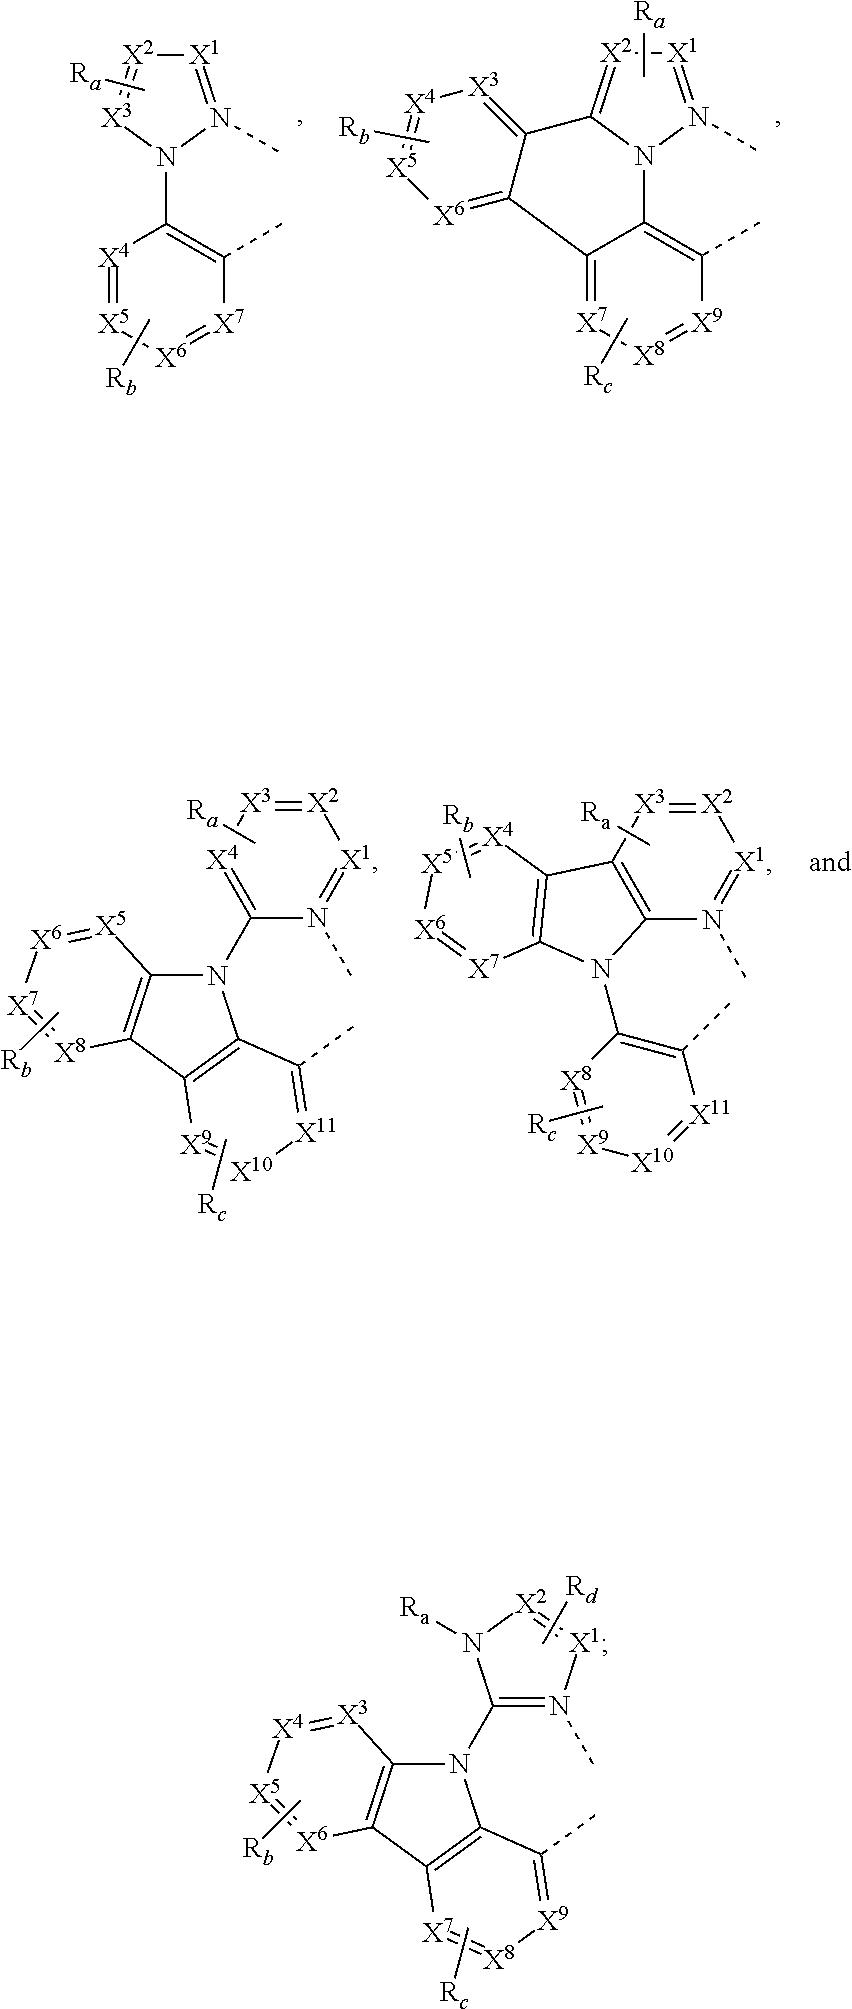 Figure US09905785-20180227-C00010